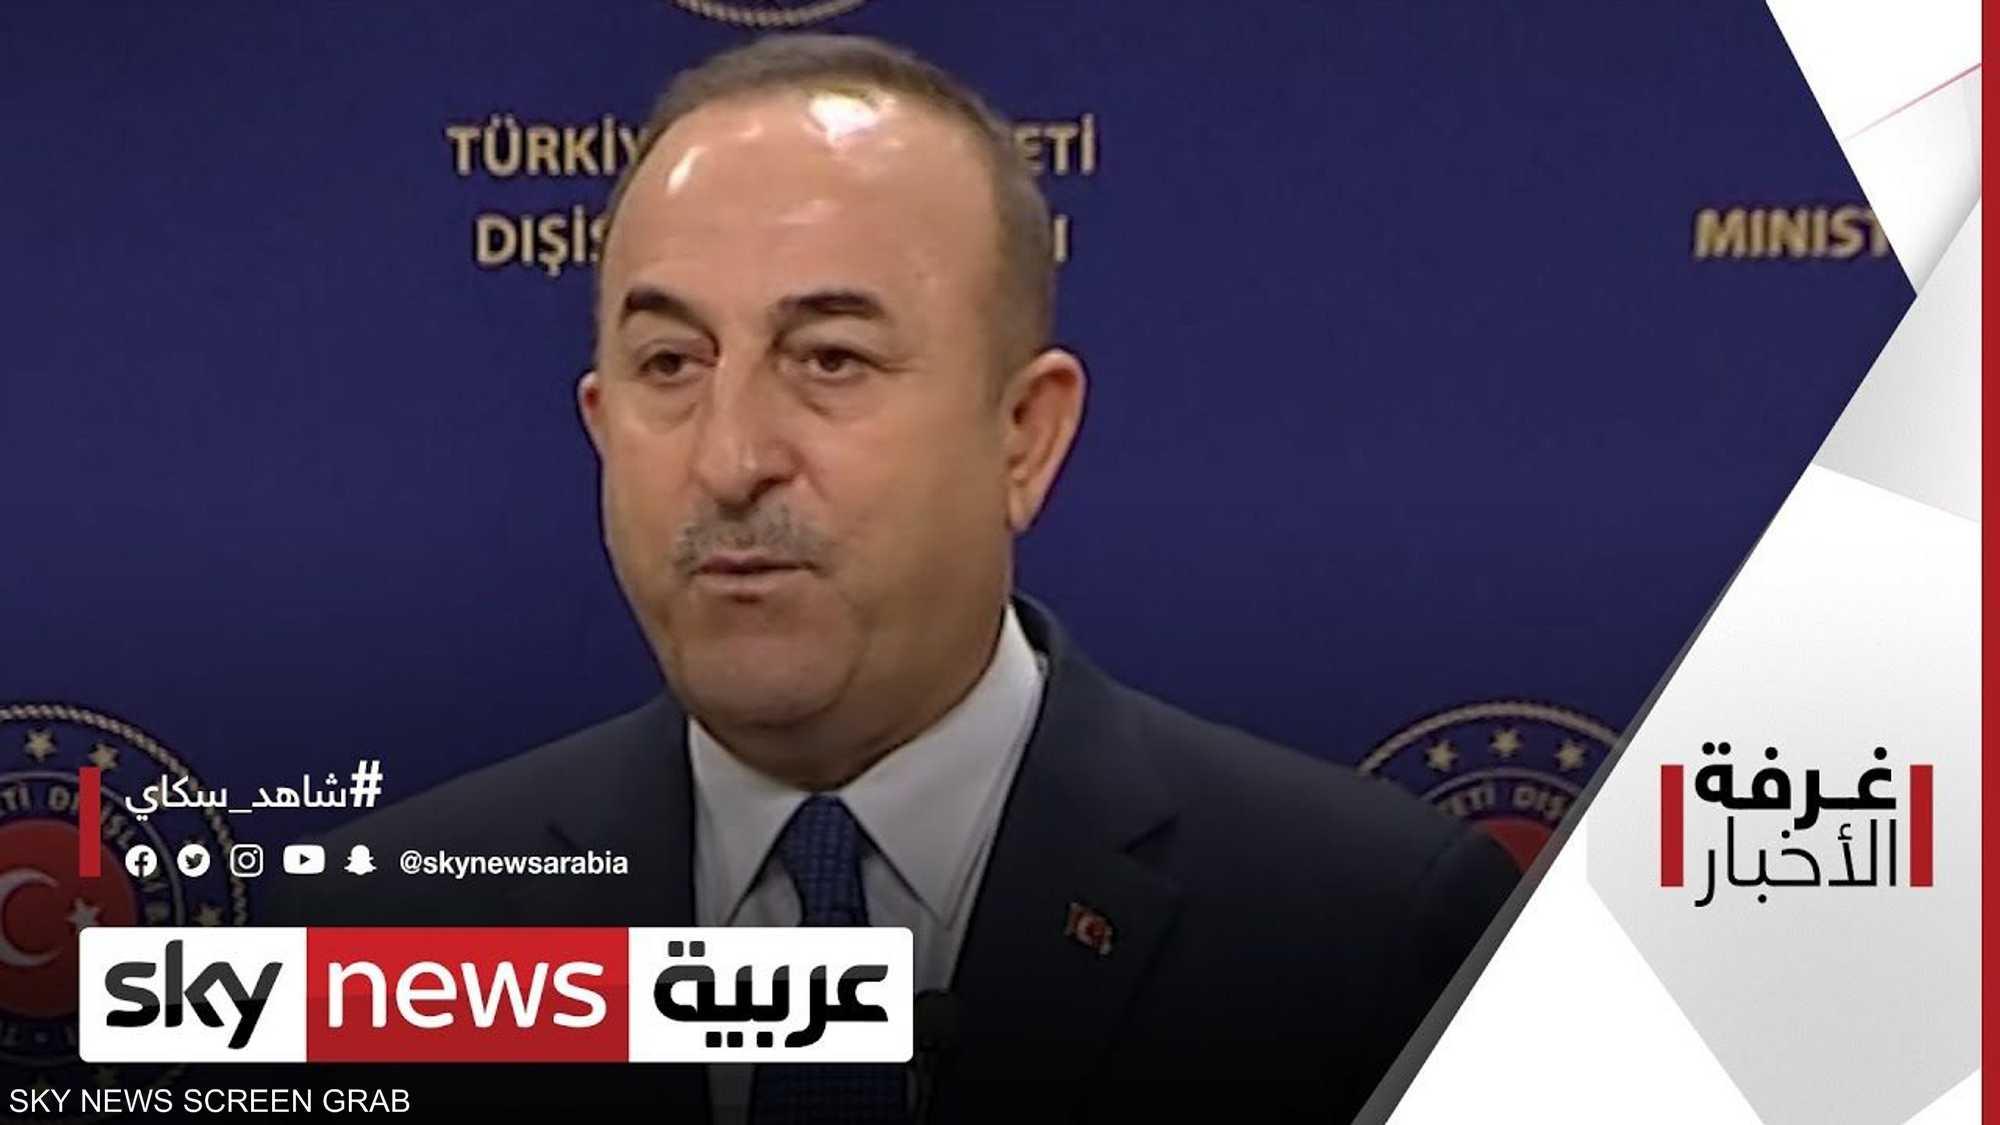 تركيا بين فكي الكماشة.. والمخرج الأوروبي مشروط